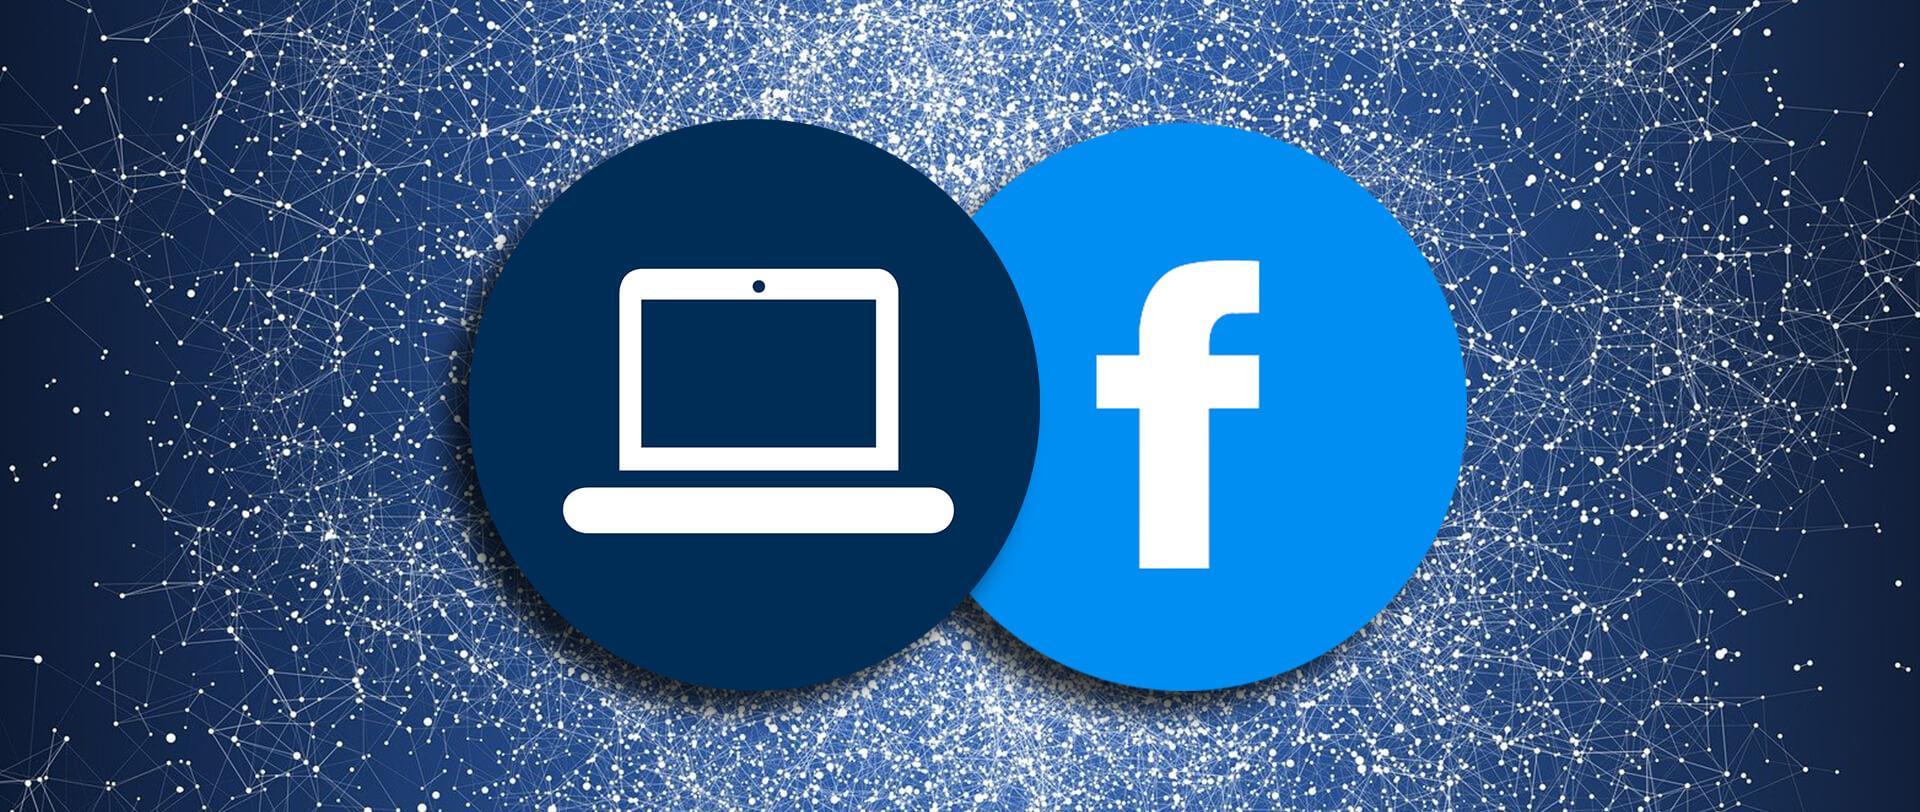 Сайт или Facebook? И двете!